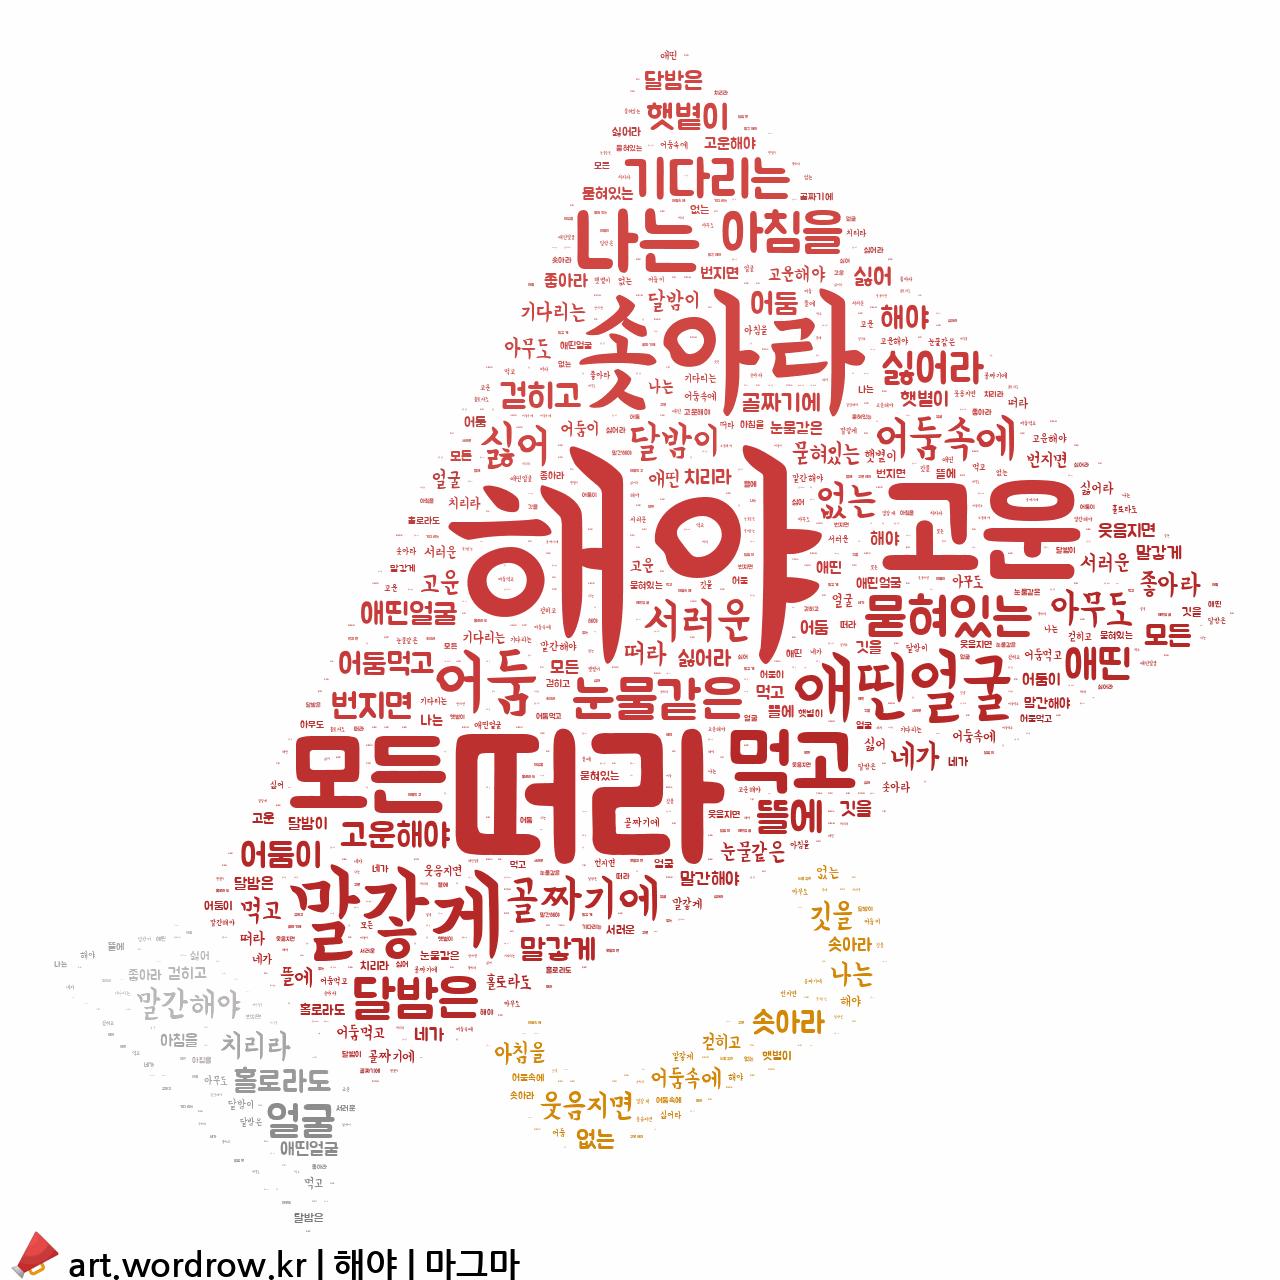 워드 클라우드: 해야 [마그마]-25